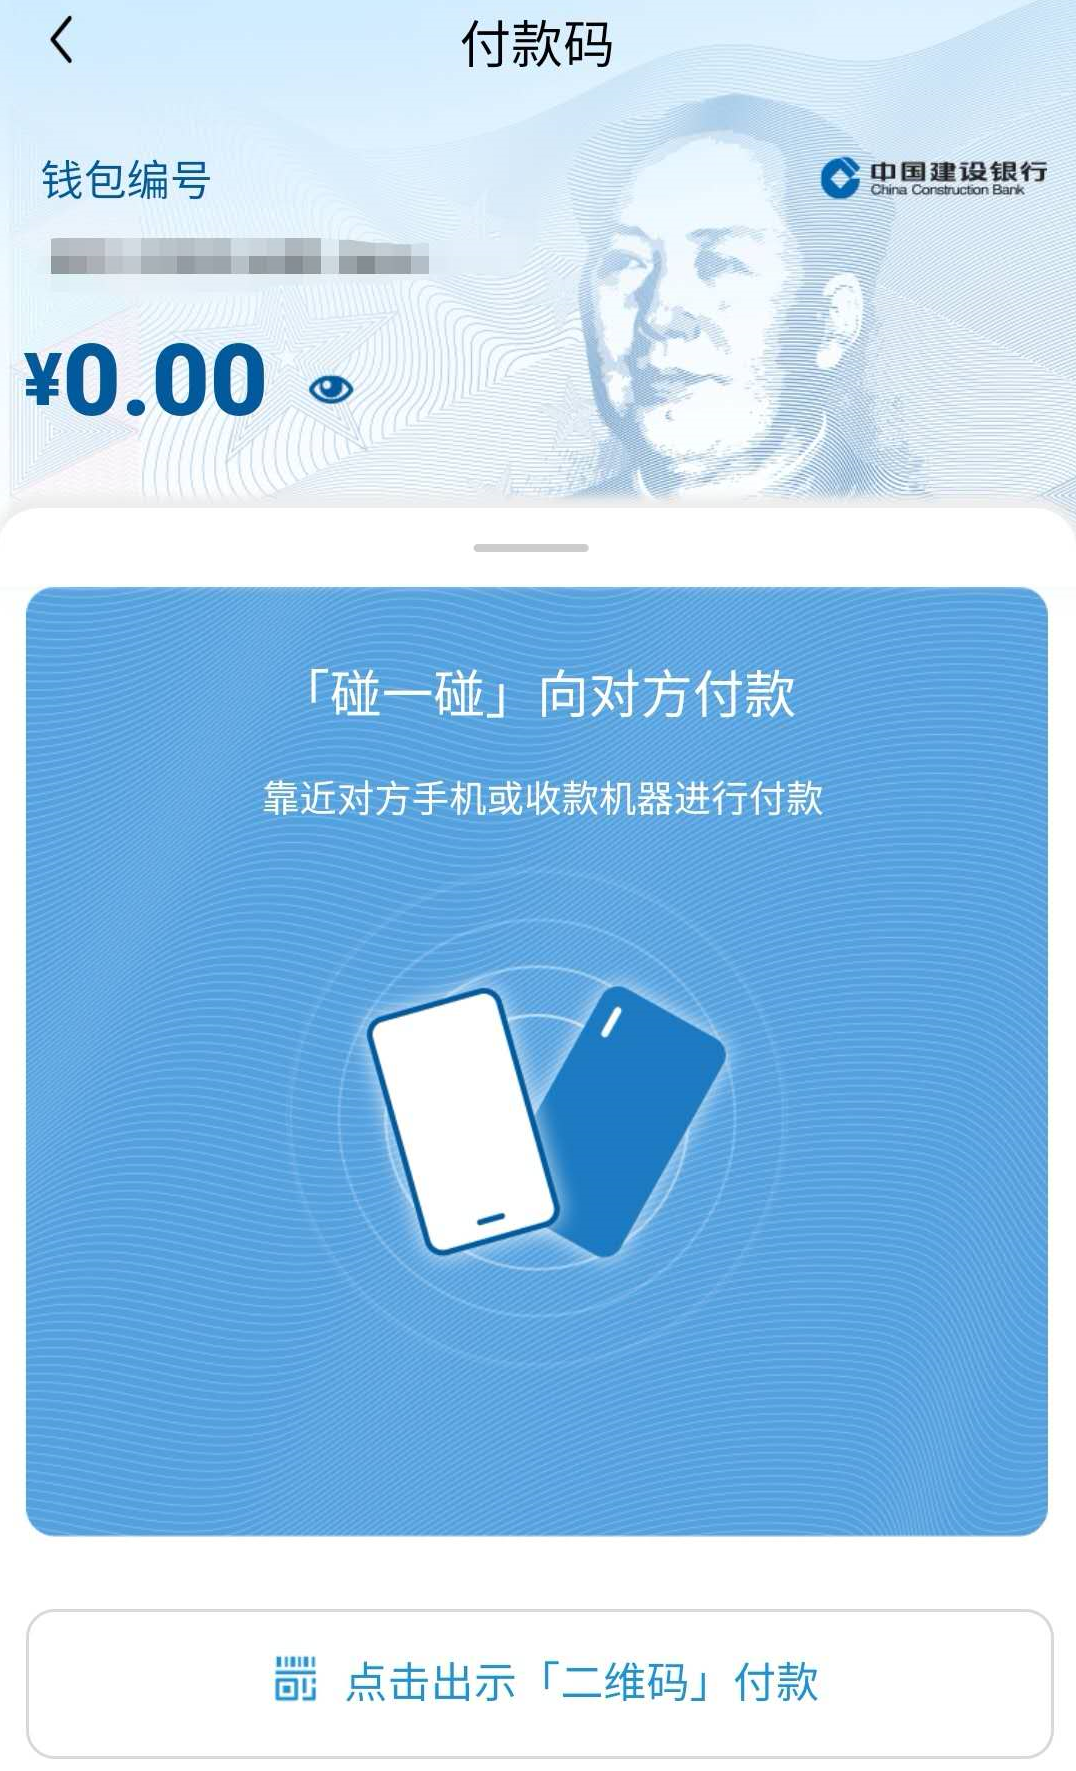 建行数字人民币测试截图。